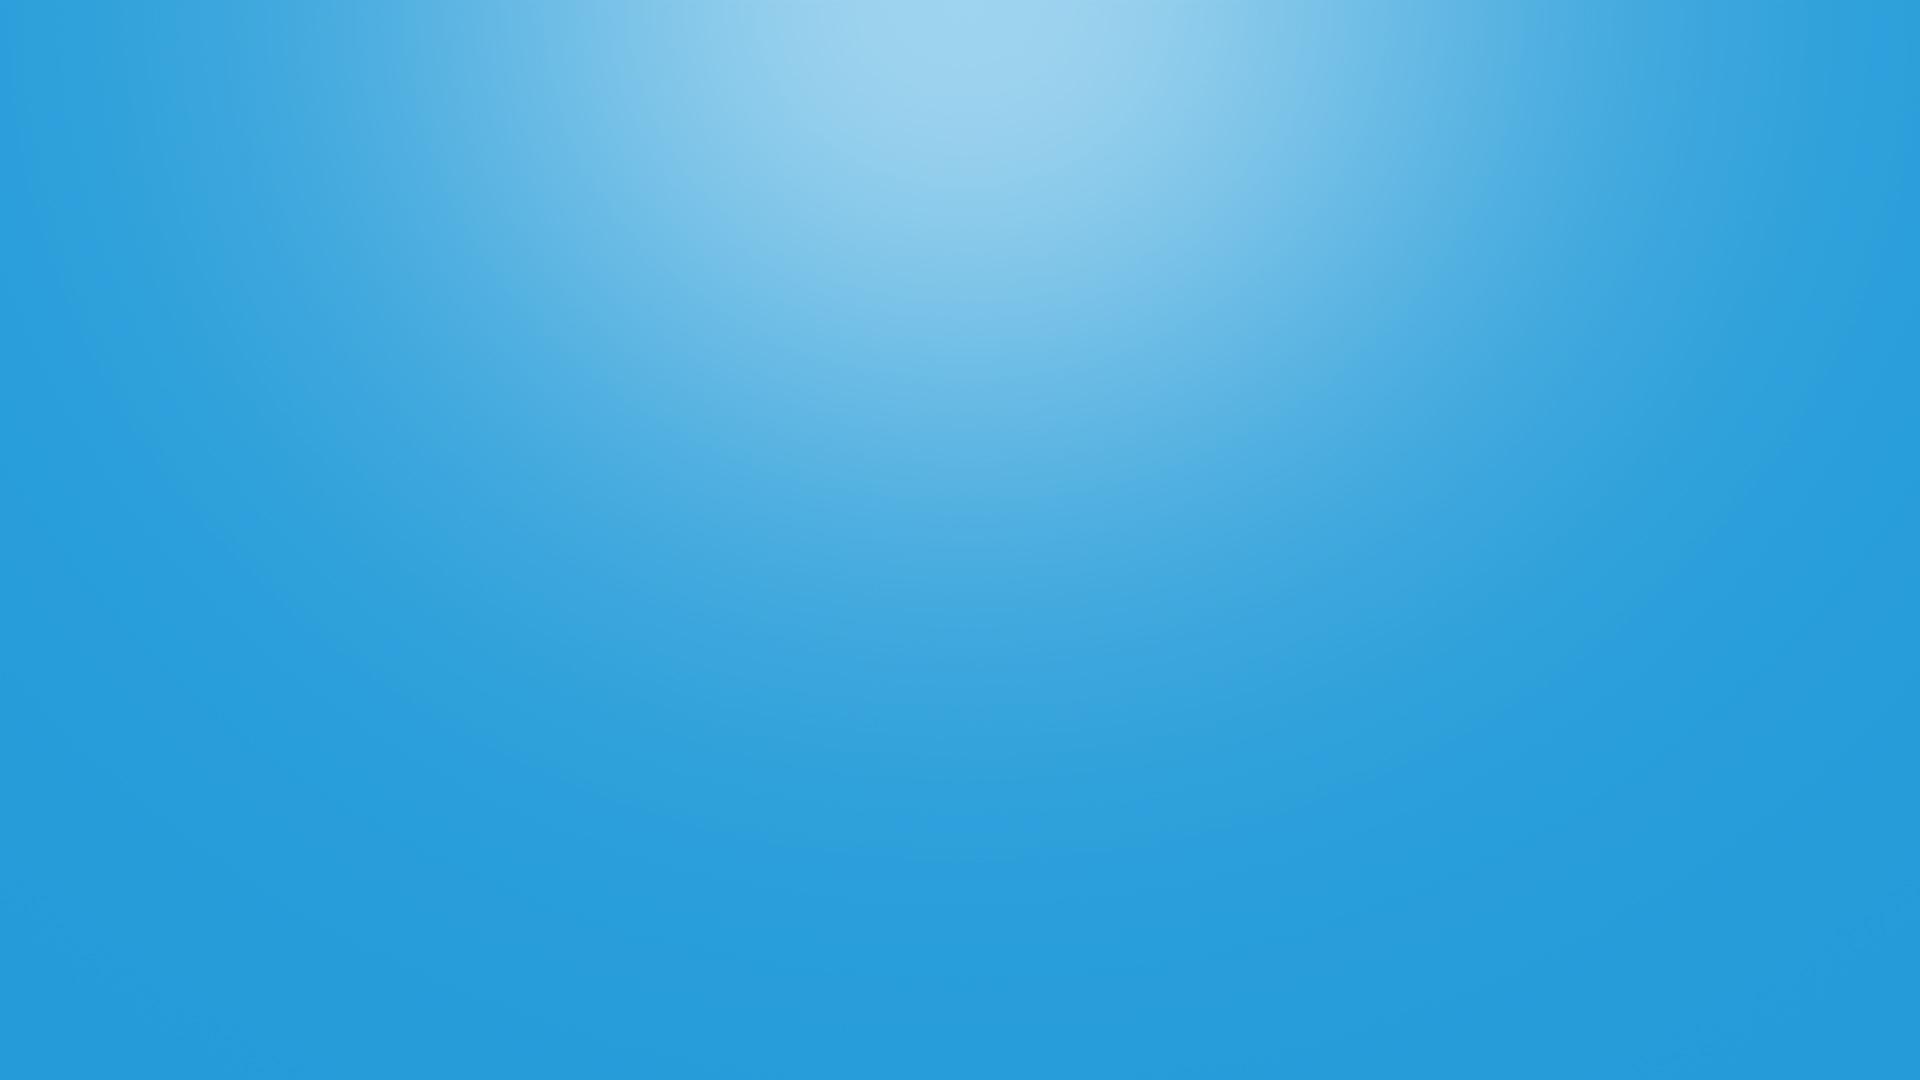 Blue Wallpaper 64 Widescreen Desktop